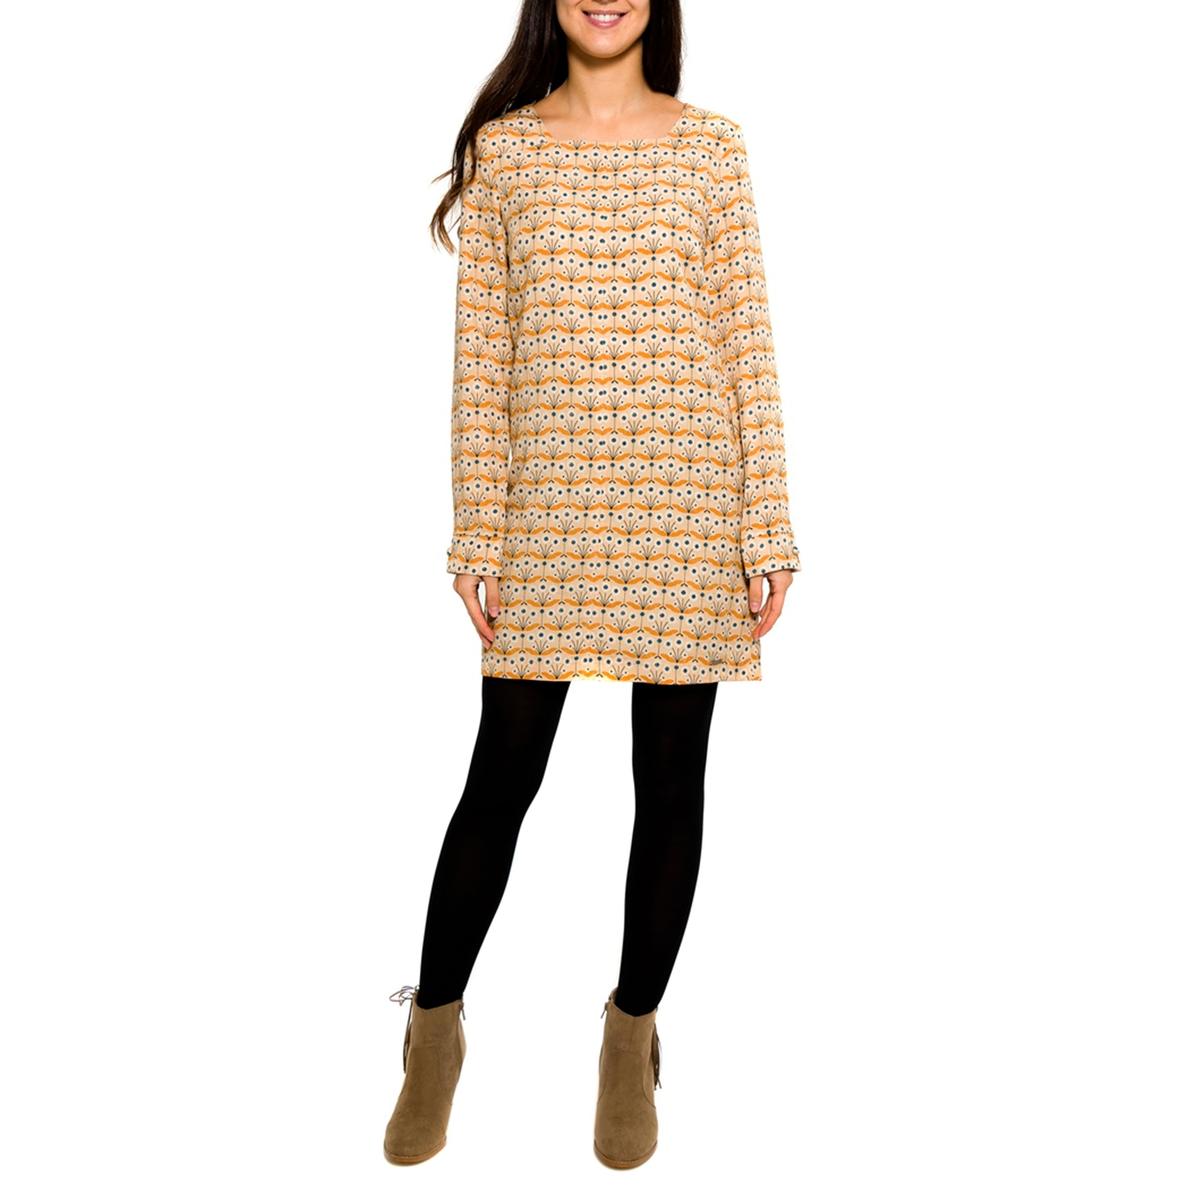 Платье с рисунком и длинными рукавамиСостав и описание:Материал: 100% Tencel®.Марка: PARAMITA.<br><br>Цвет: бежевый/геометрический рисунок<br>Размер: S.M